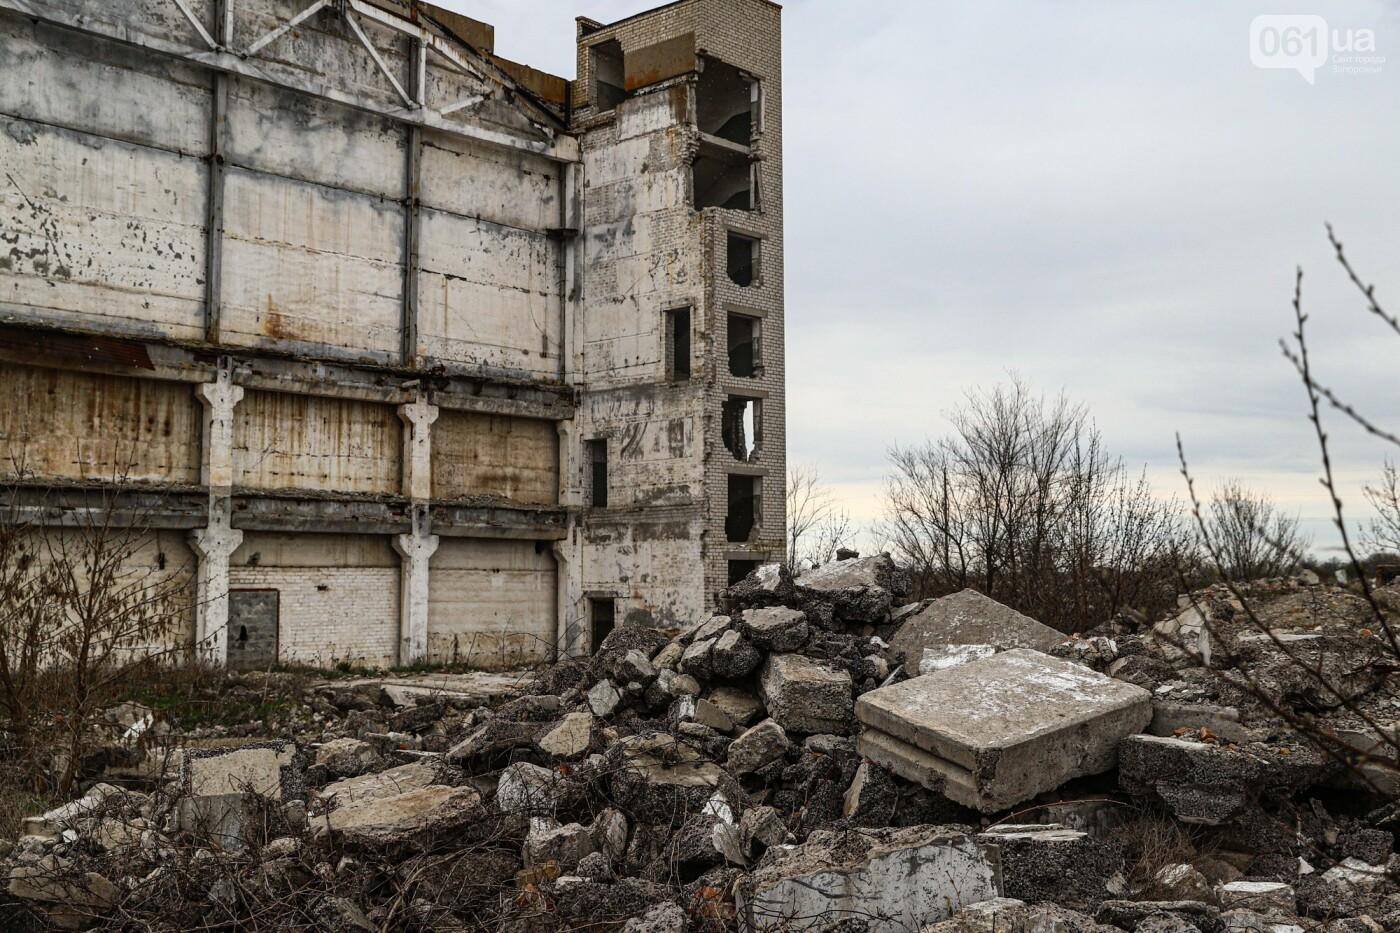 Монтаж первого пролета вантового моста, транспортный локдаун и репортаж из заброшенной шахты: апрель в фотографиях, фото-94